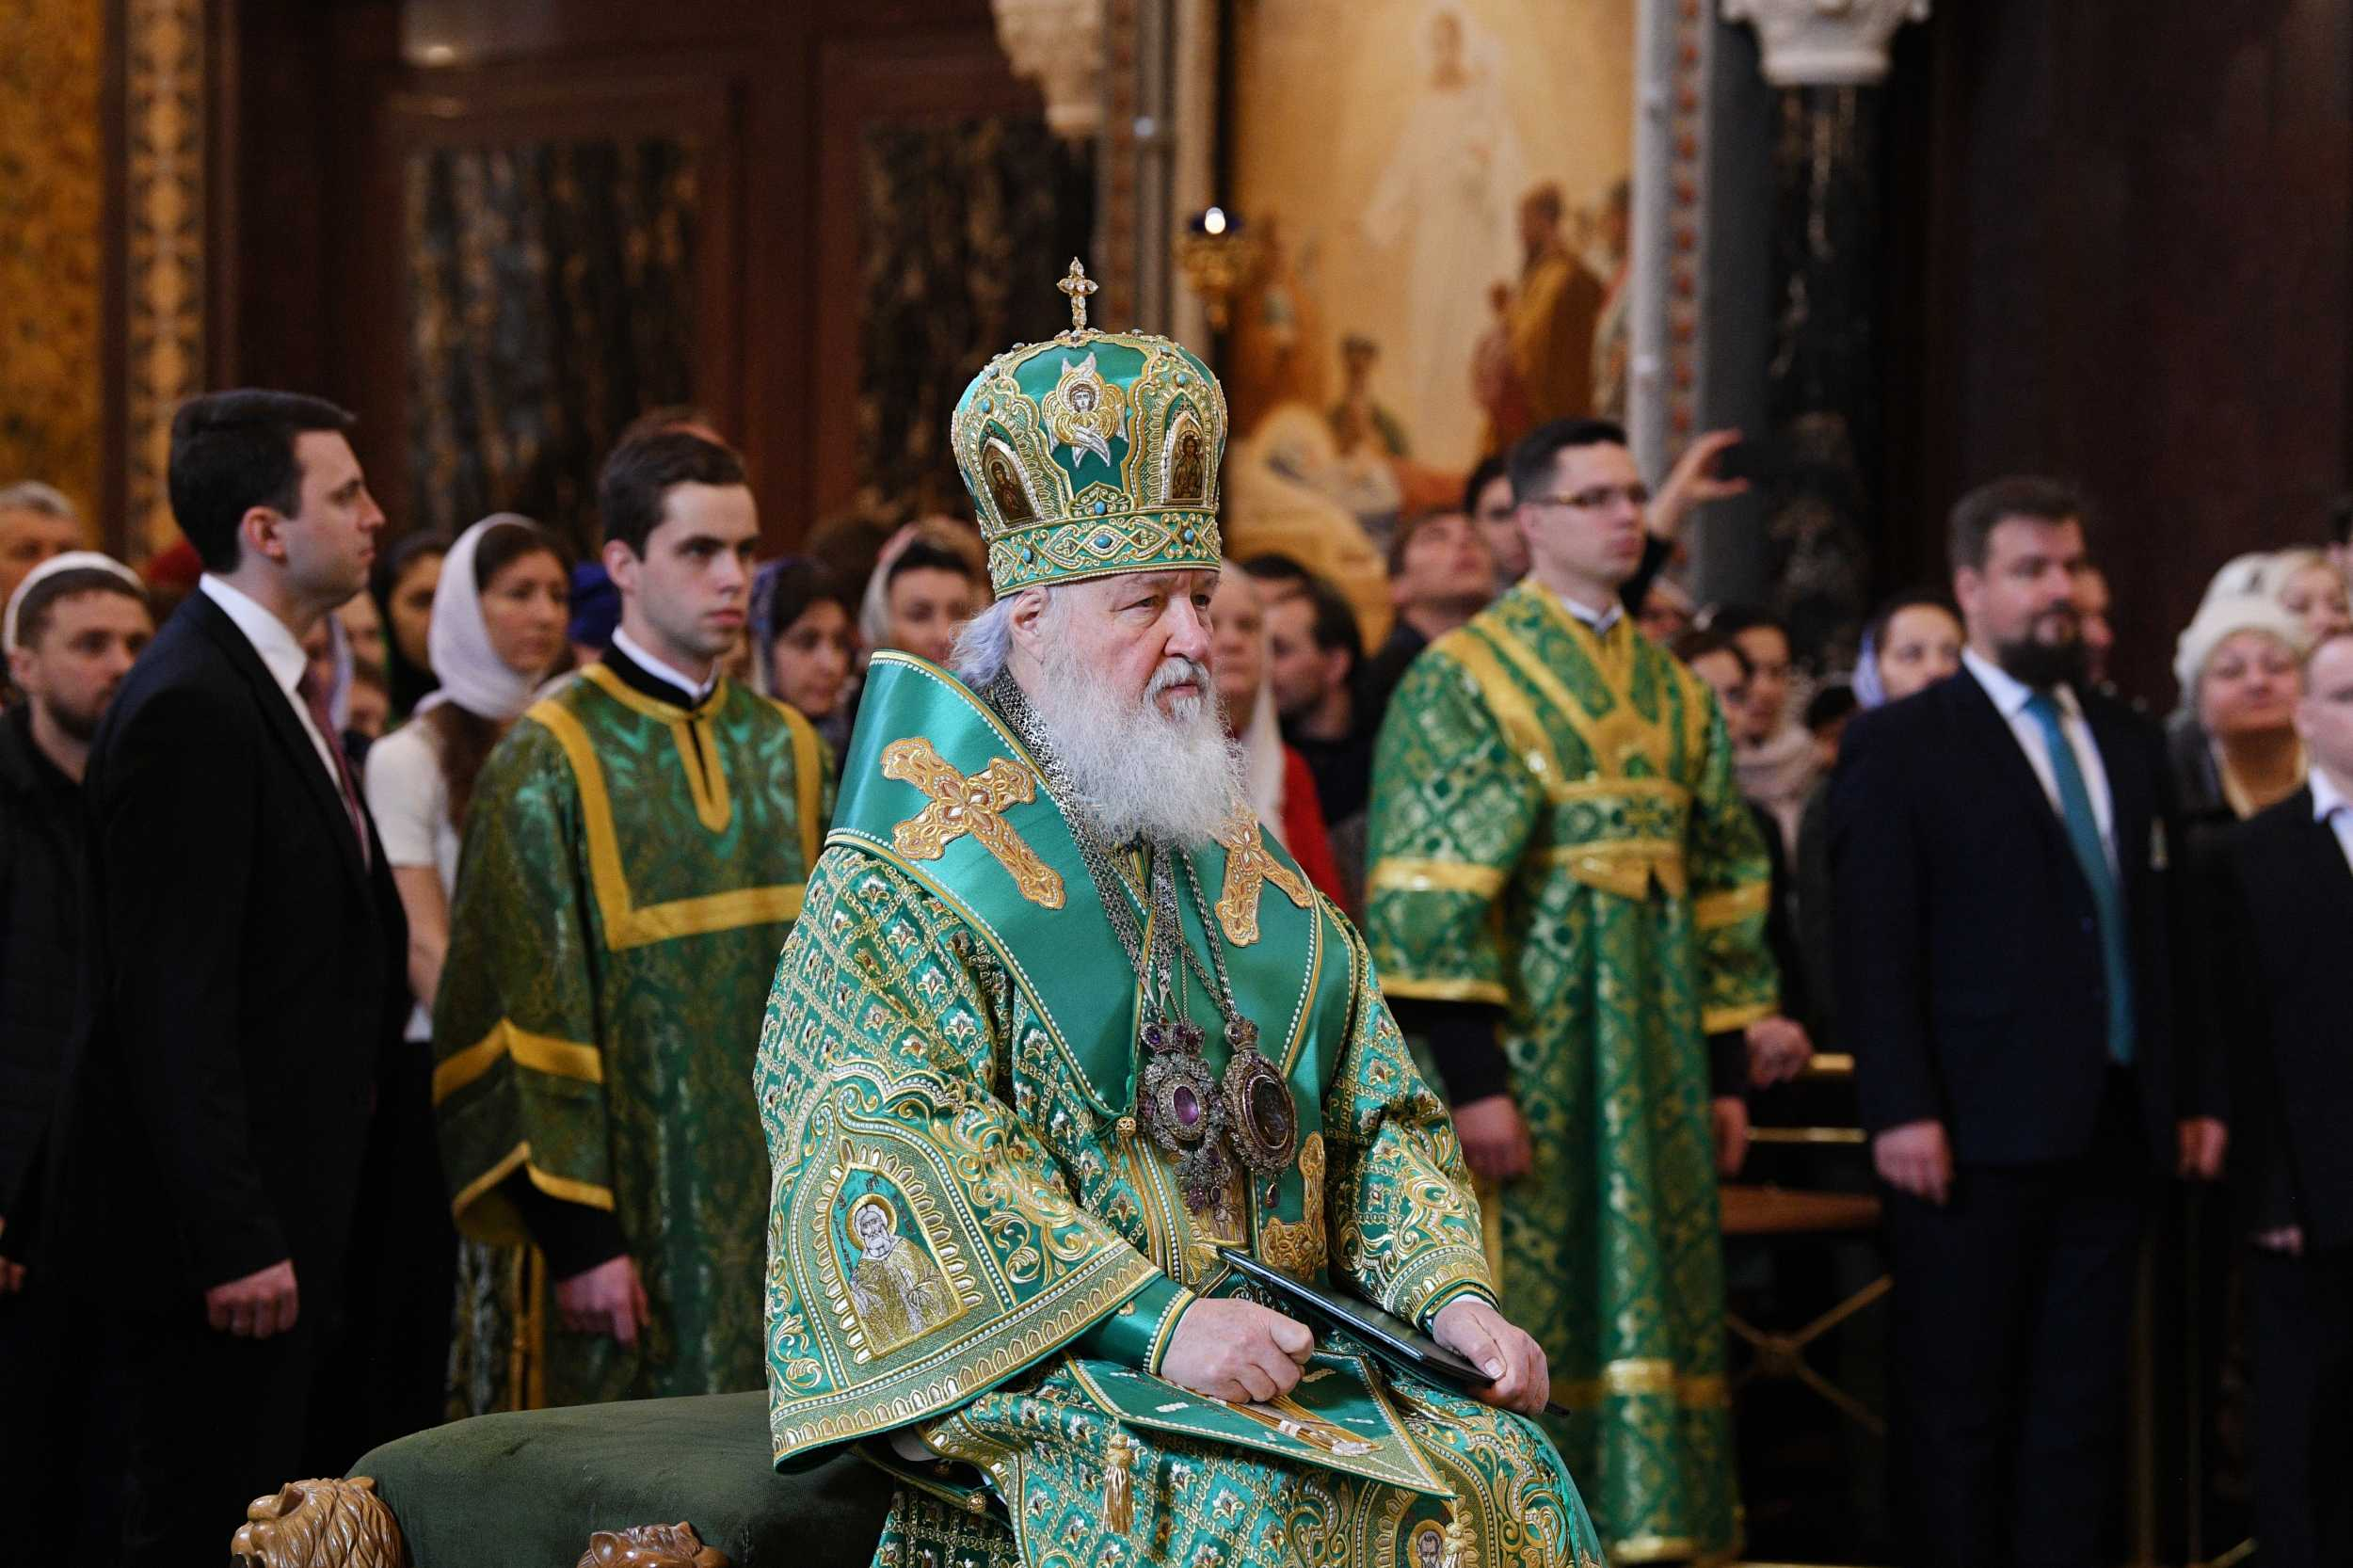 РПЦ прекращает общение с главой Элладской церкви из-за признания ПЦУ